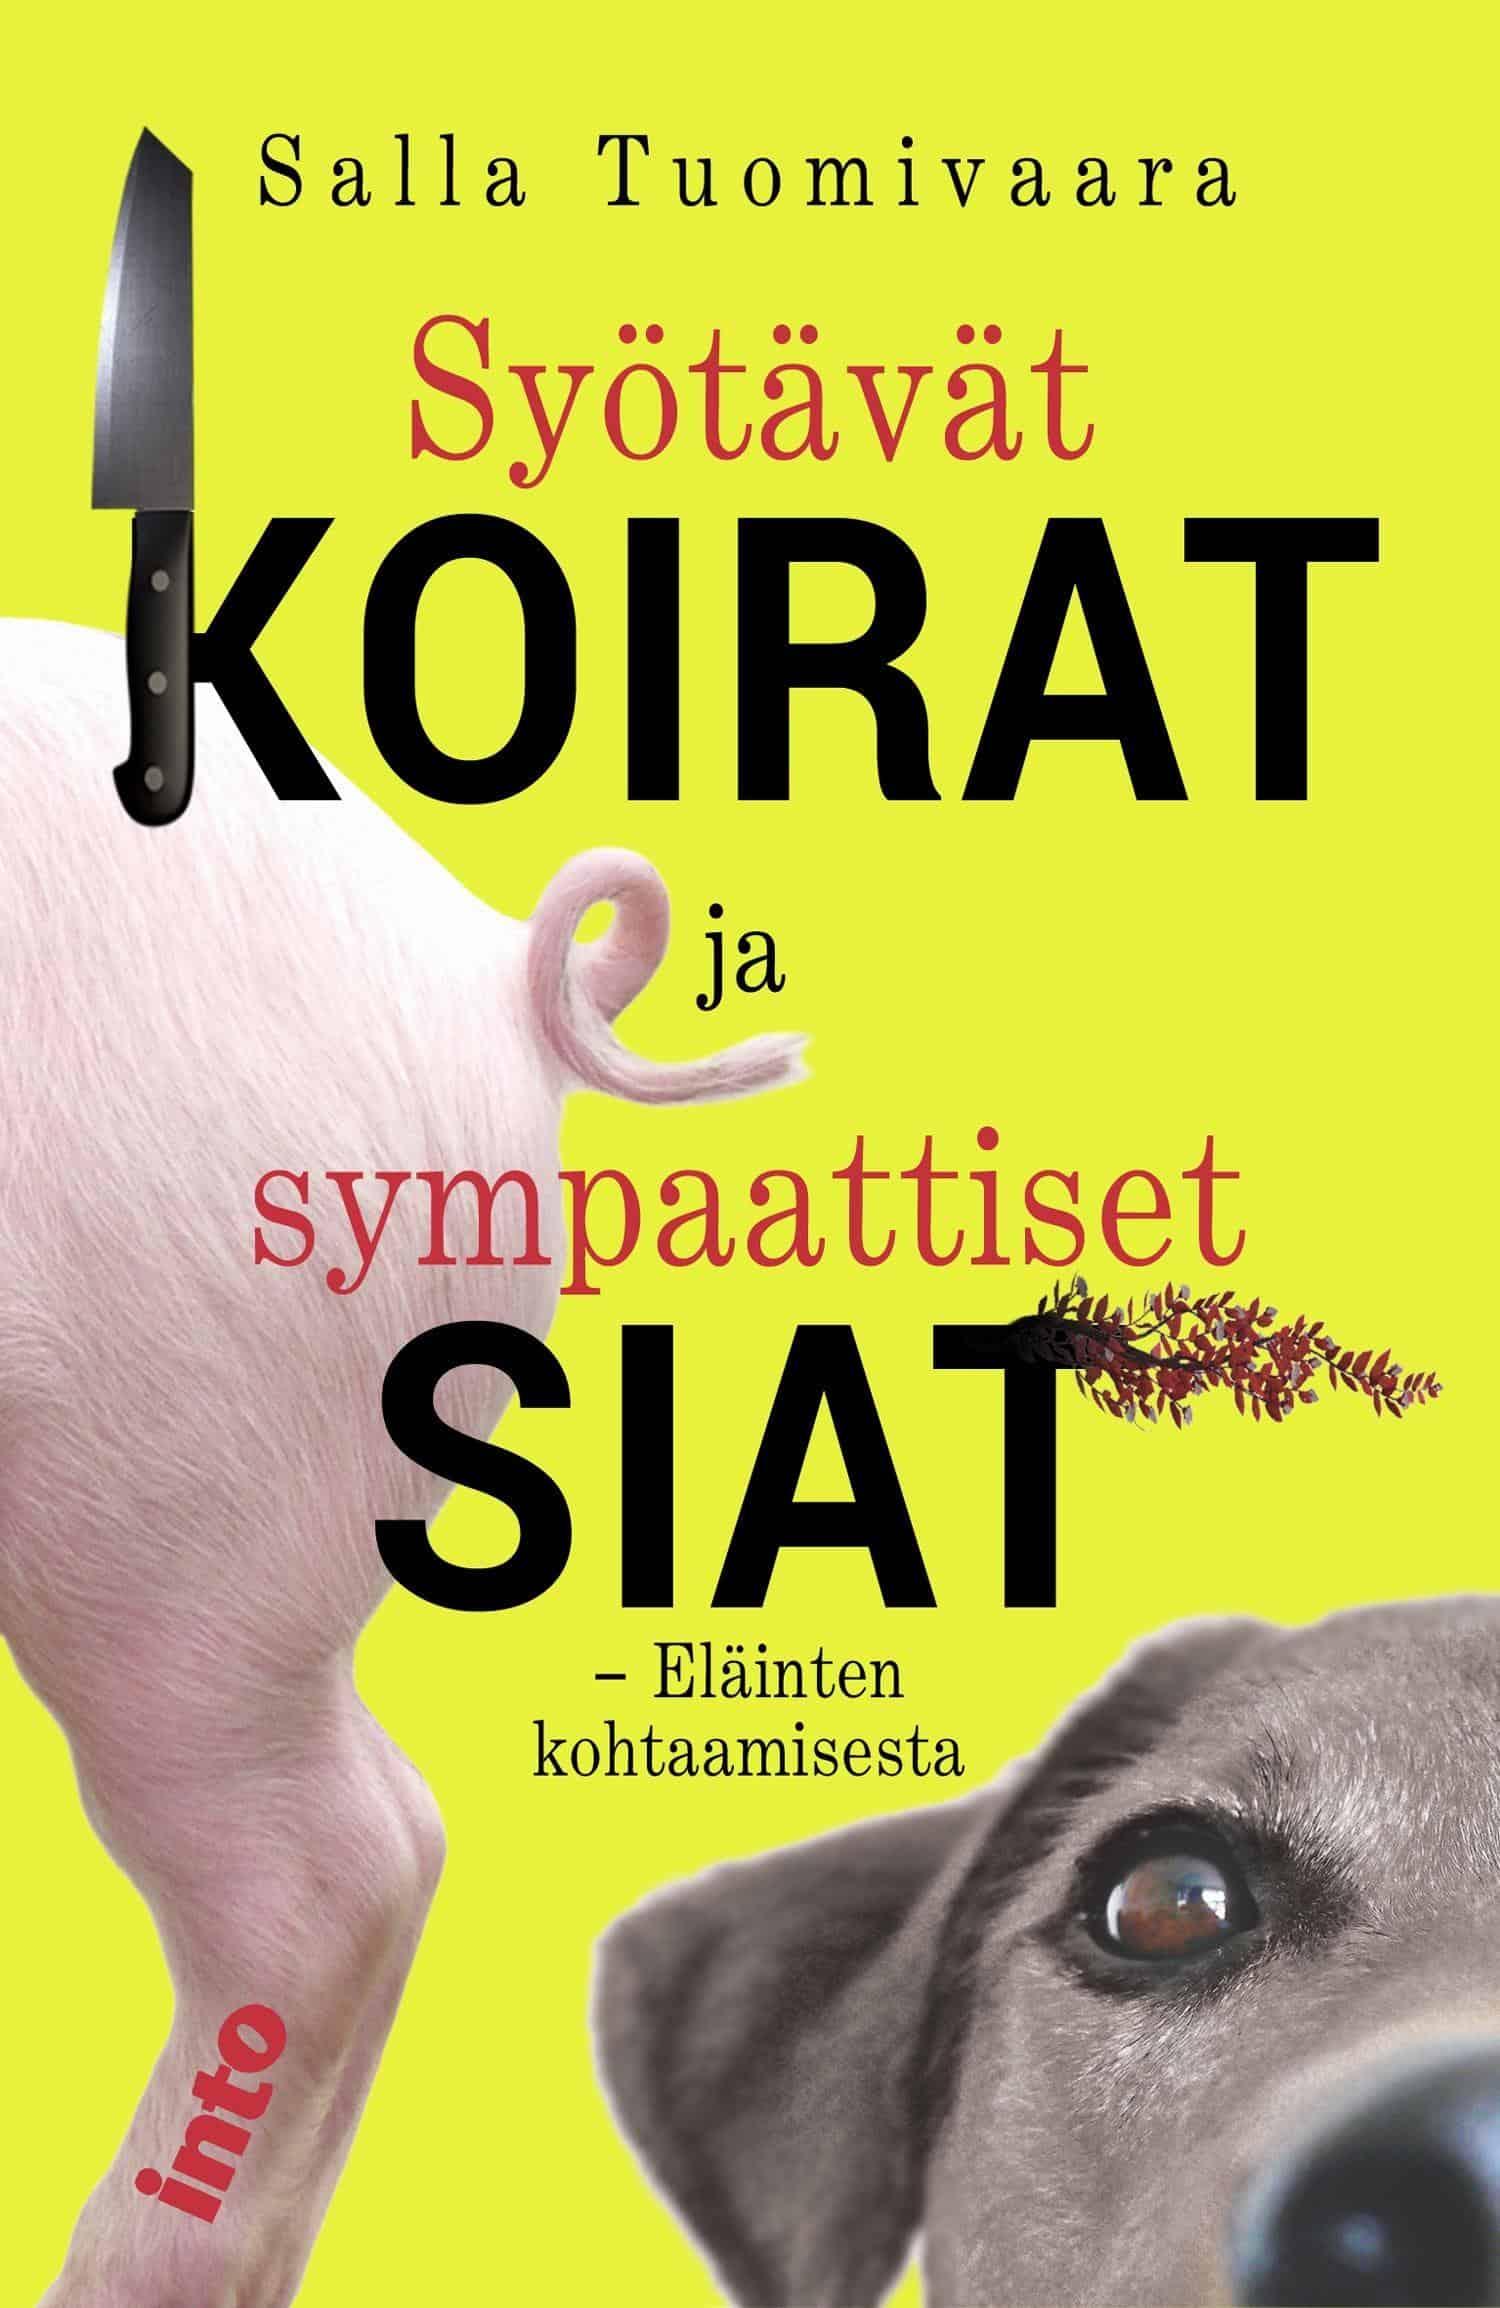 Syötävät koirat ja sympaattiset siat